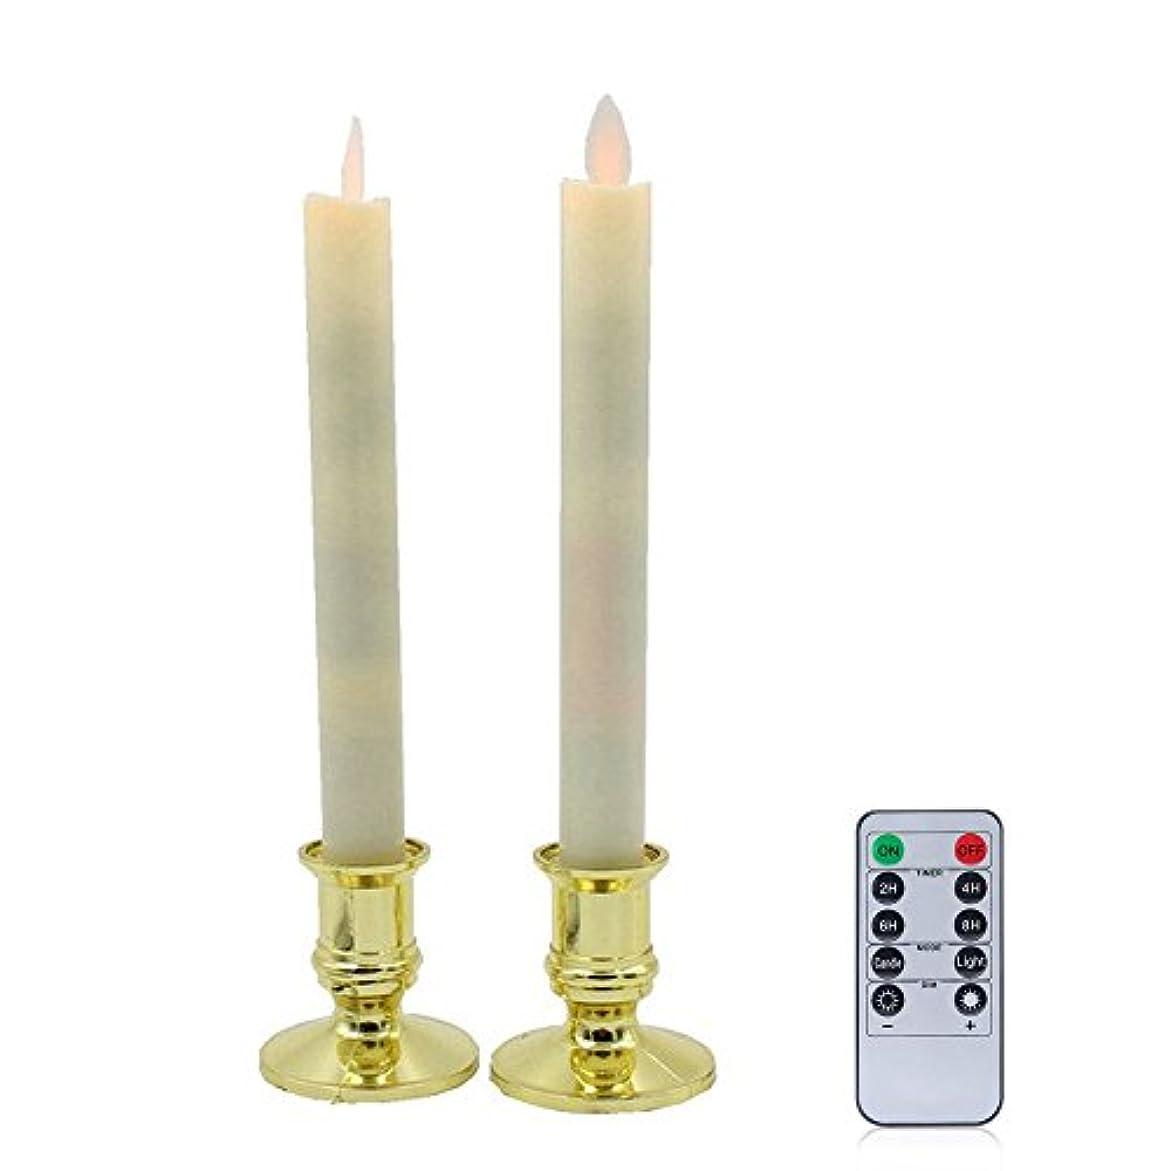 冗長に話す書道RUmfOテーパウィンドウFlameless Candles with Removableゴールドホルダー、電動ウィンドウキャンドルランプwithリモートタイマー電池式誕生日ウェディングホームパーティー装飾セットの2